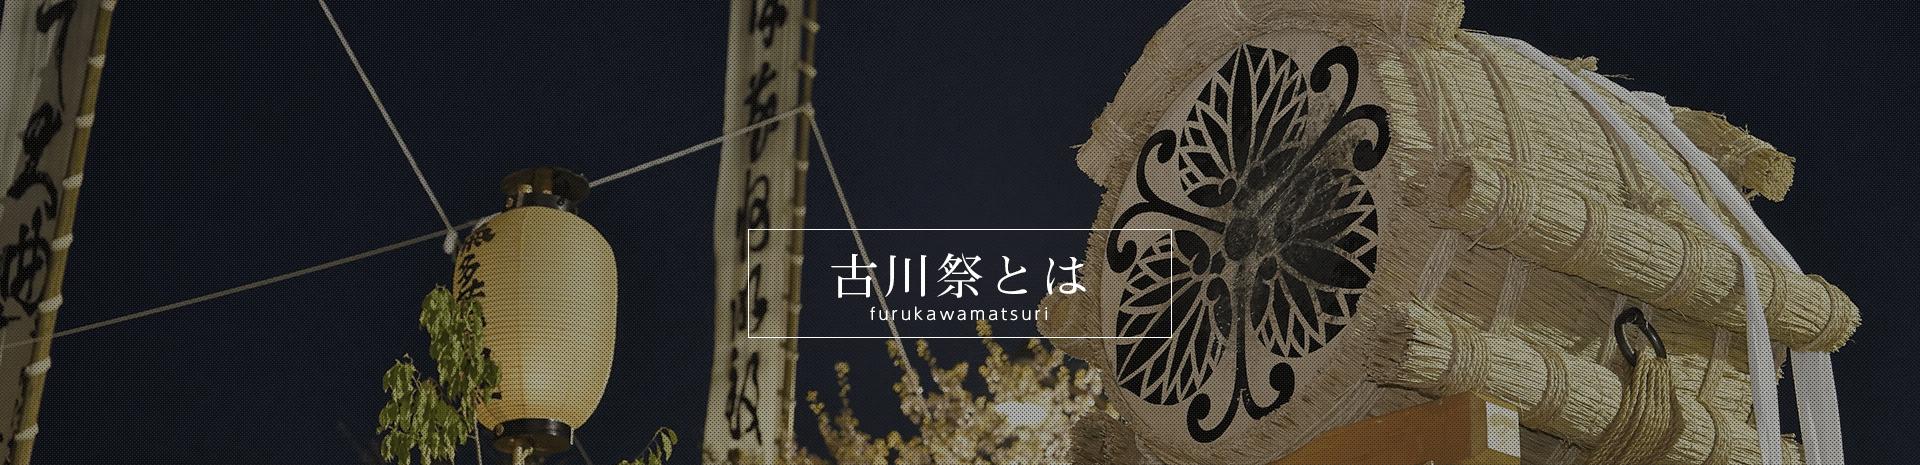 古川祭とはページトップ